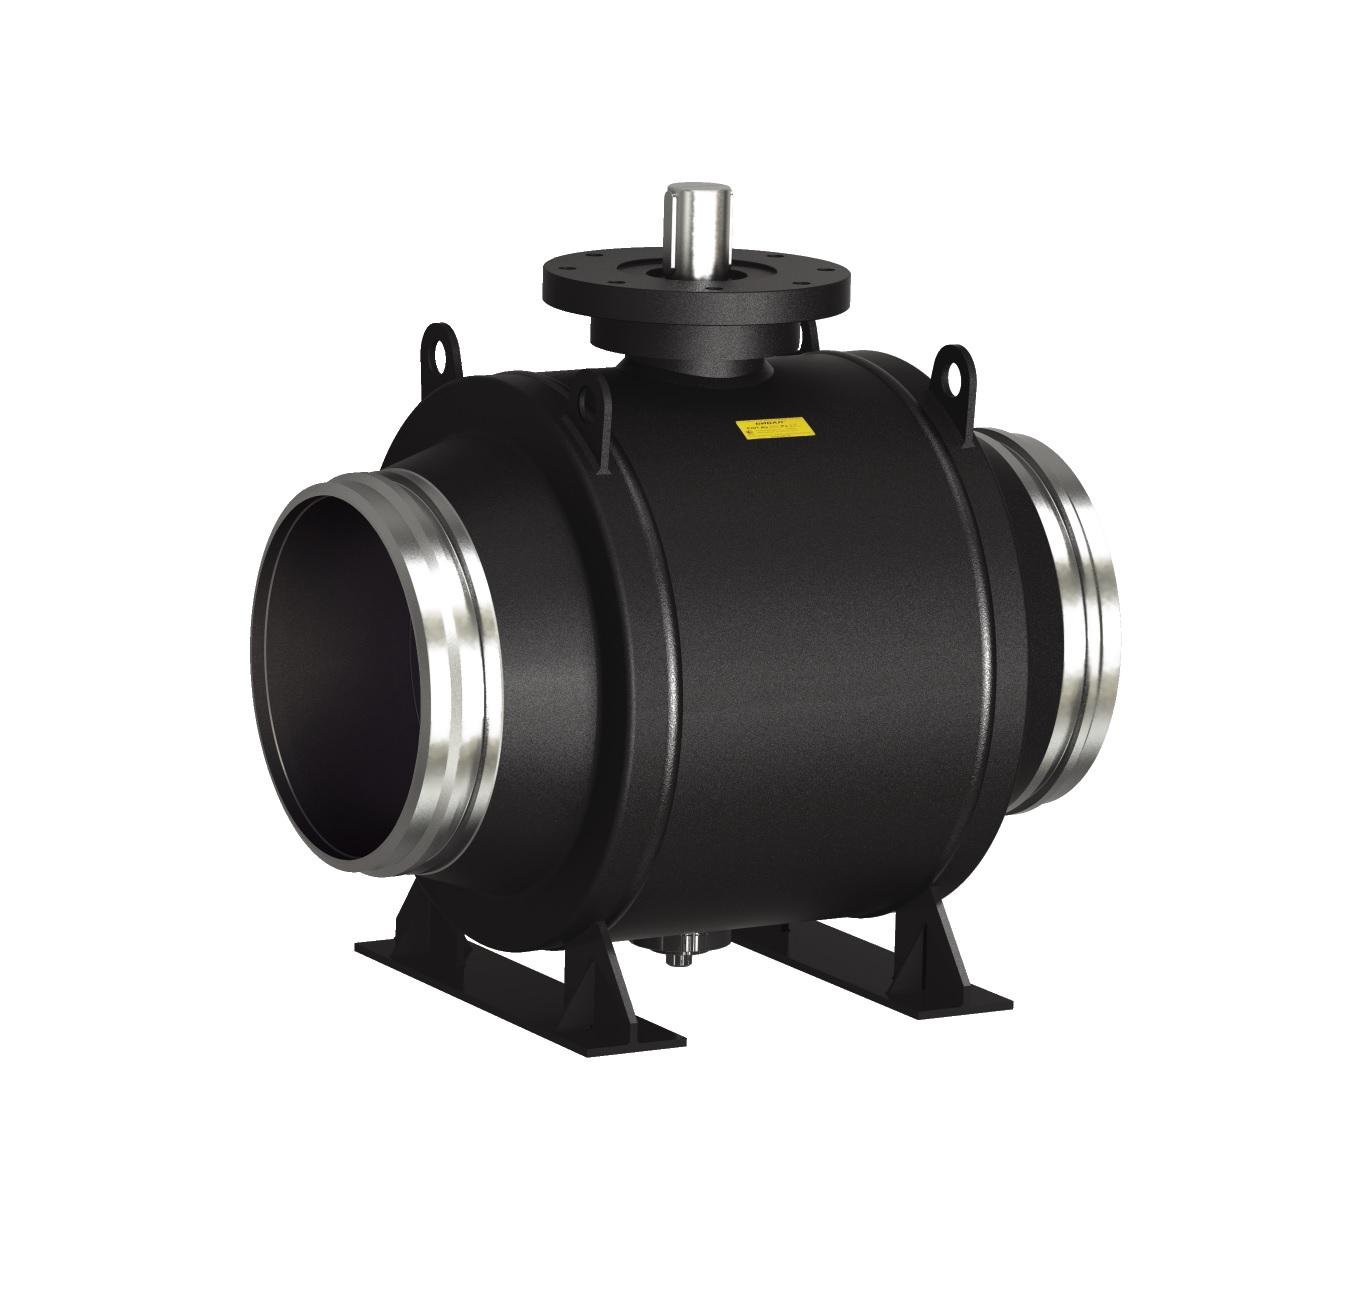 Стальной шаровой кран «Бивал» серии КШГ 14 со стандартным штоком, присоединение сварное, с/с